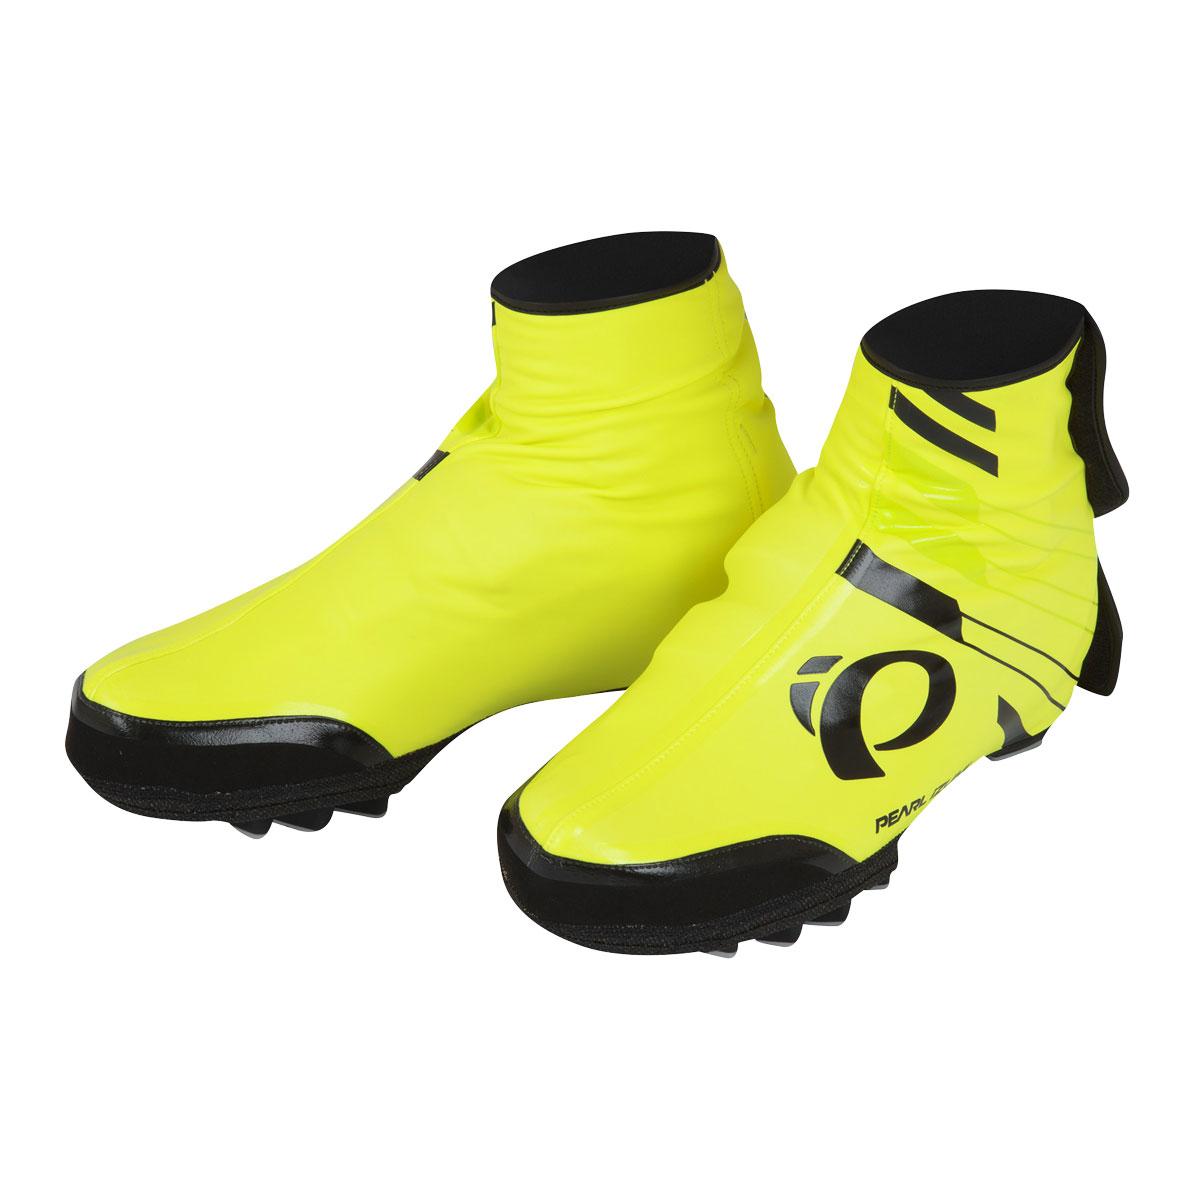 PEARL iZUMi PRO BARRIER WXB MTB návleky na boty, SCREAMING žlutá, L